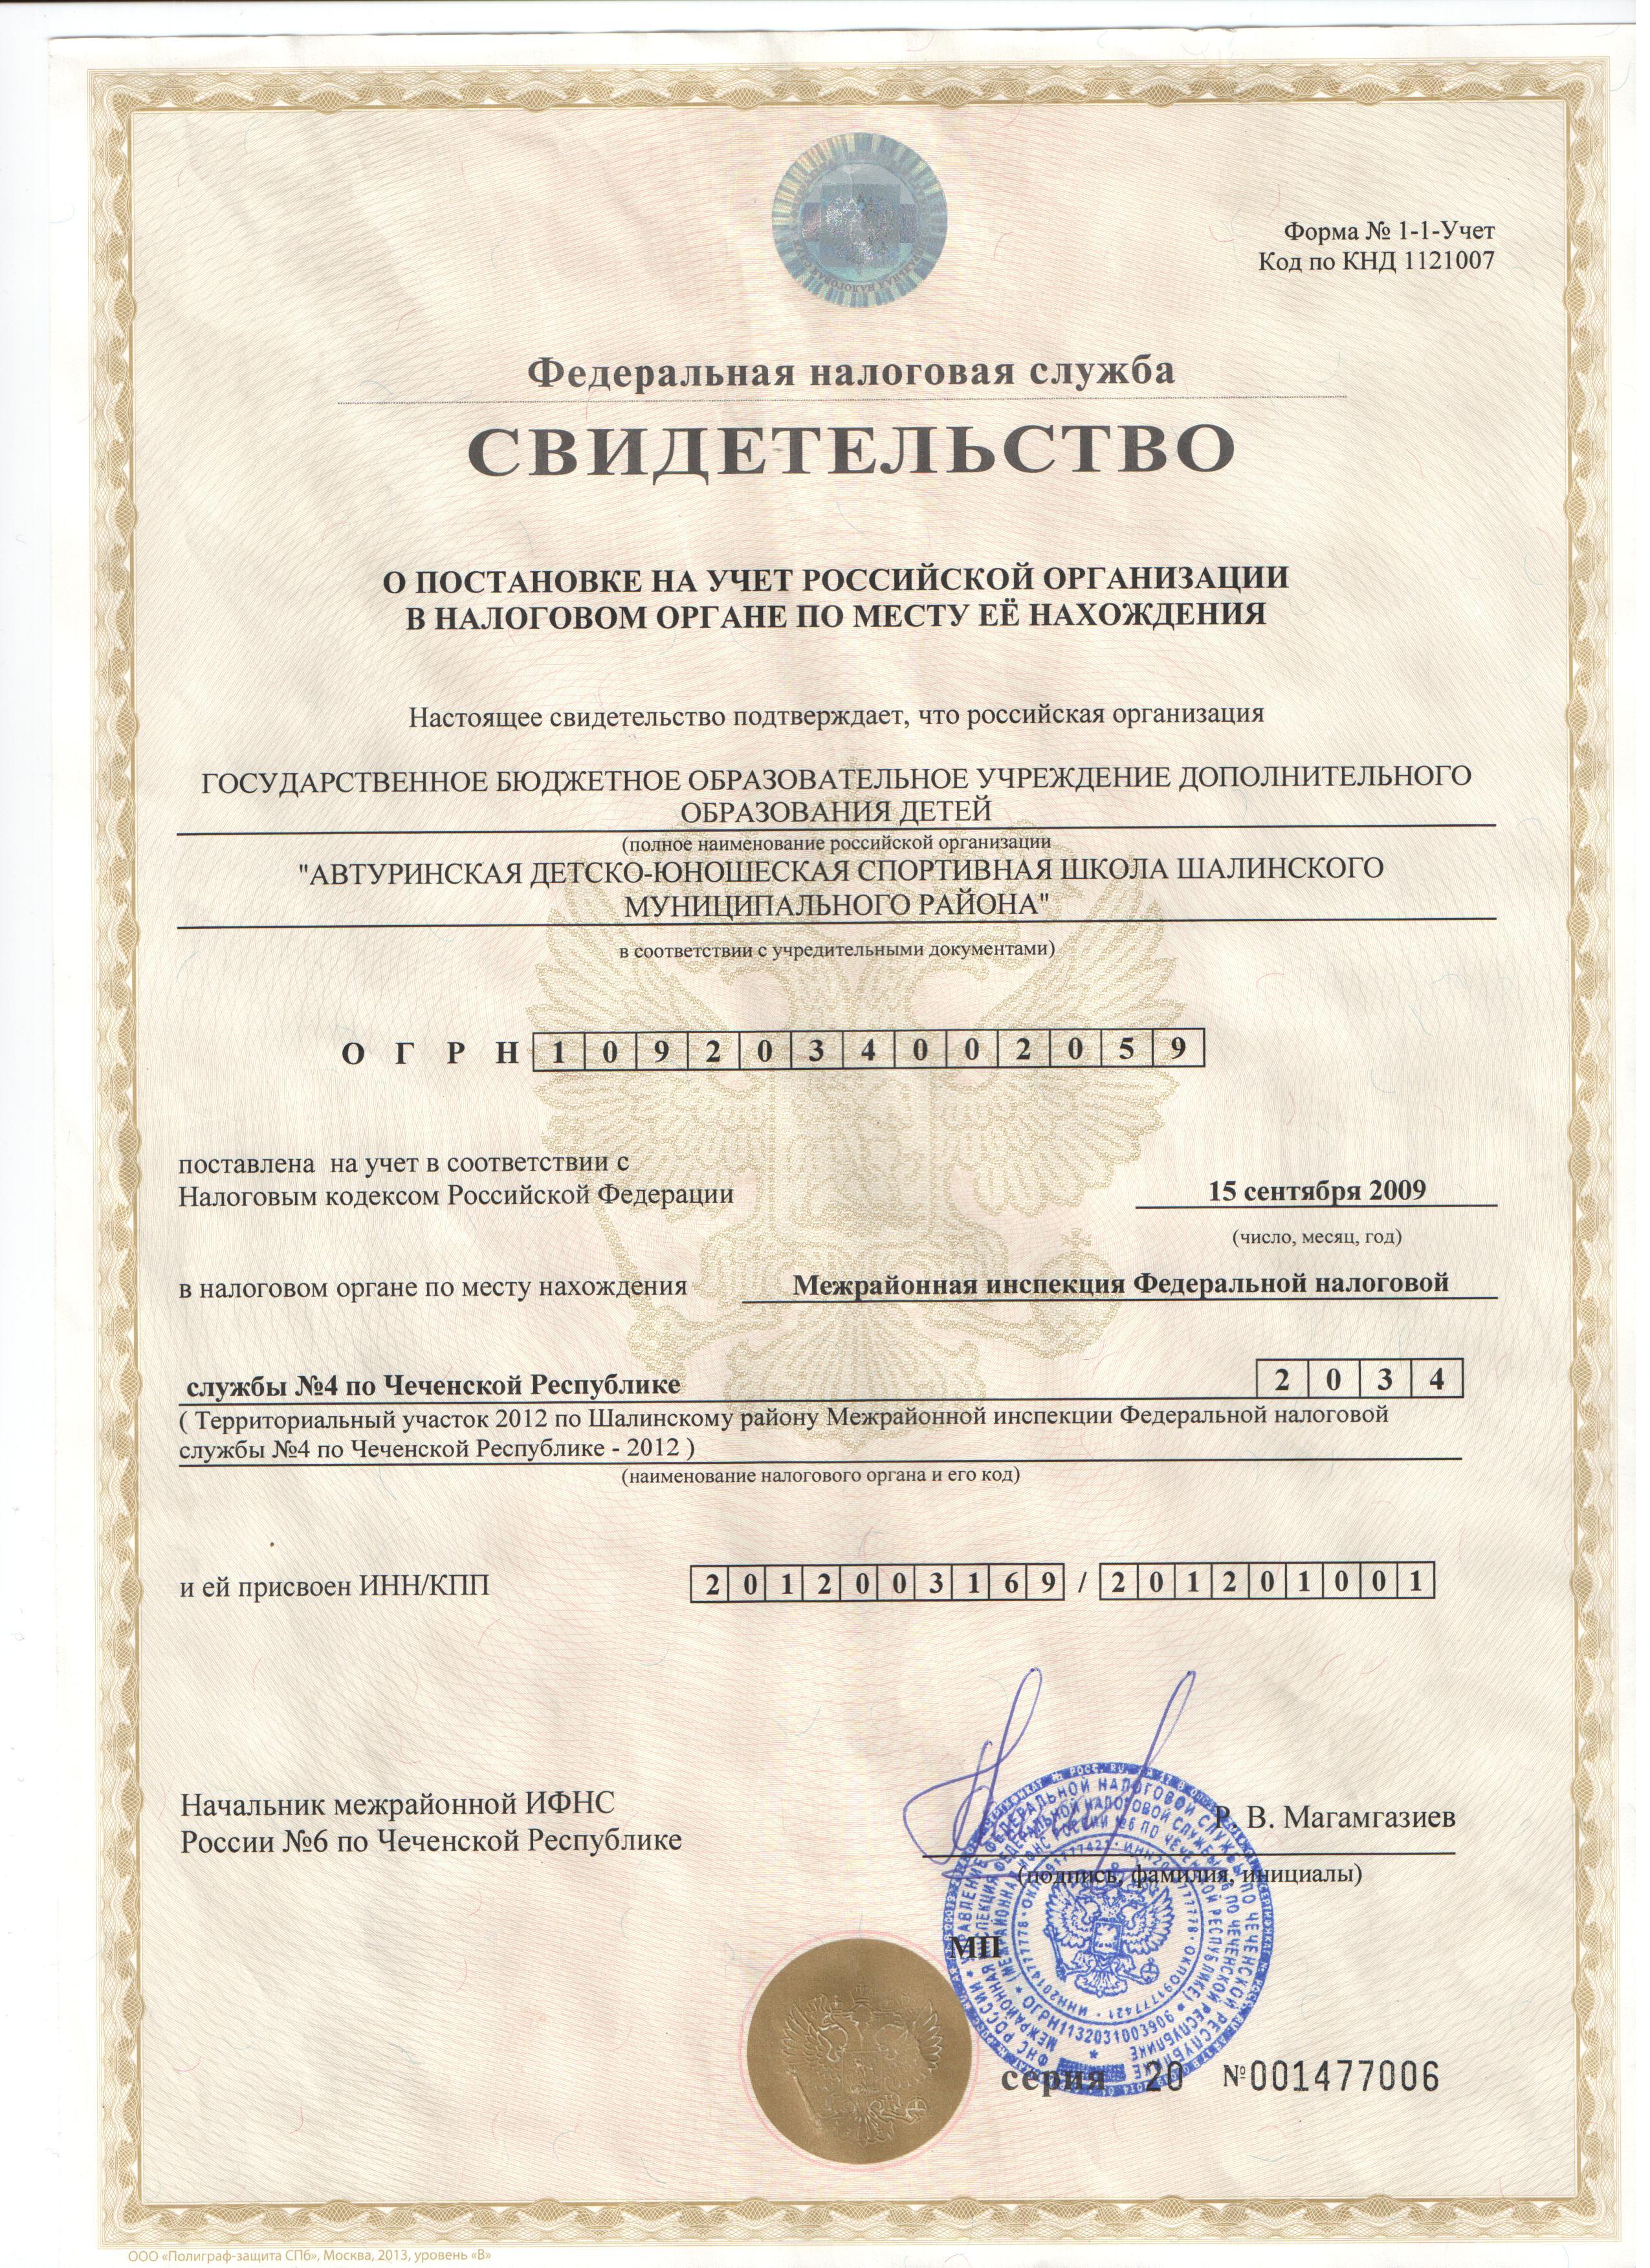 Свидетельство на учет в налоговом органе по месту ее нахождения